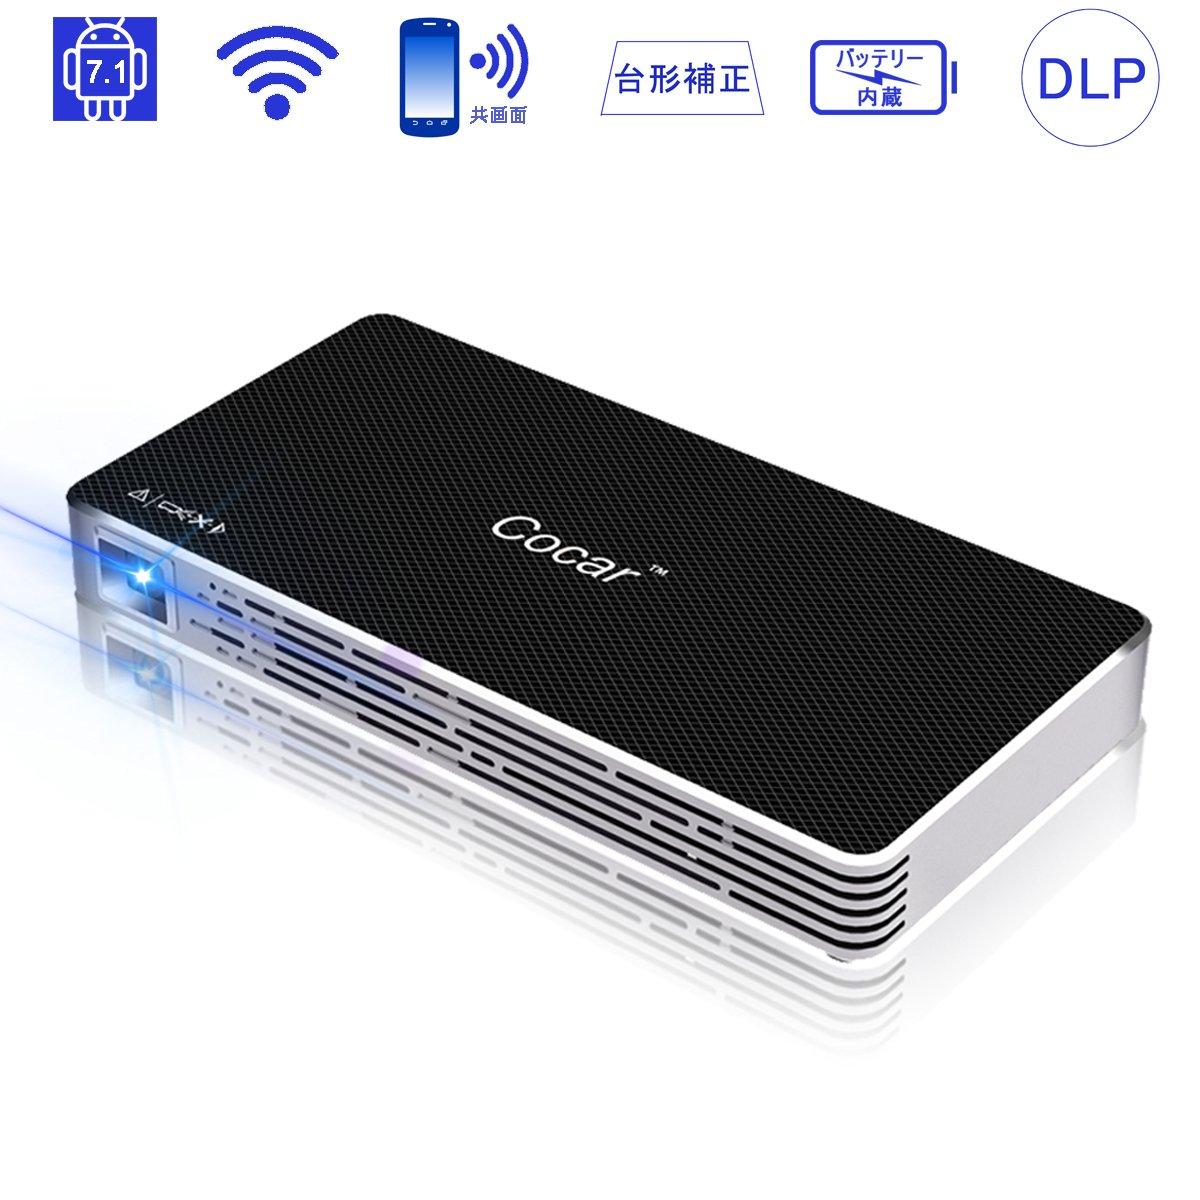 ミニプロジェクター Android 7.1 スマートワイヤレス DLP 台形補正 ハイルーメンLEDプロジェクター2.4G / 5.8GダブルWifi  4コアCPU HDMI / TF / USBコンセント C800S B07D11BXZN c800sプロジェクター